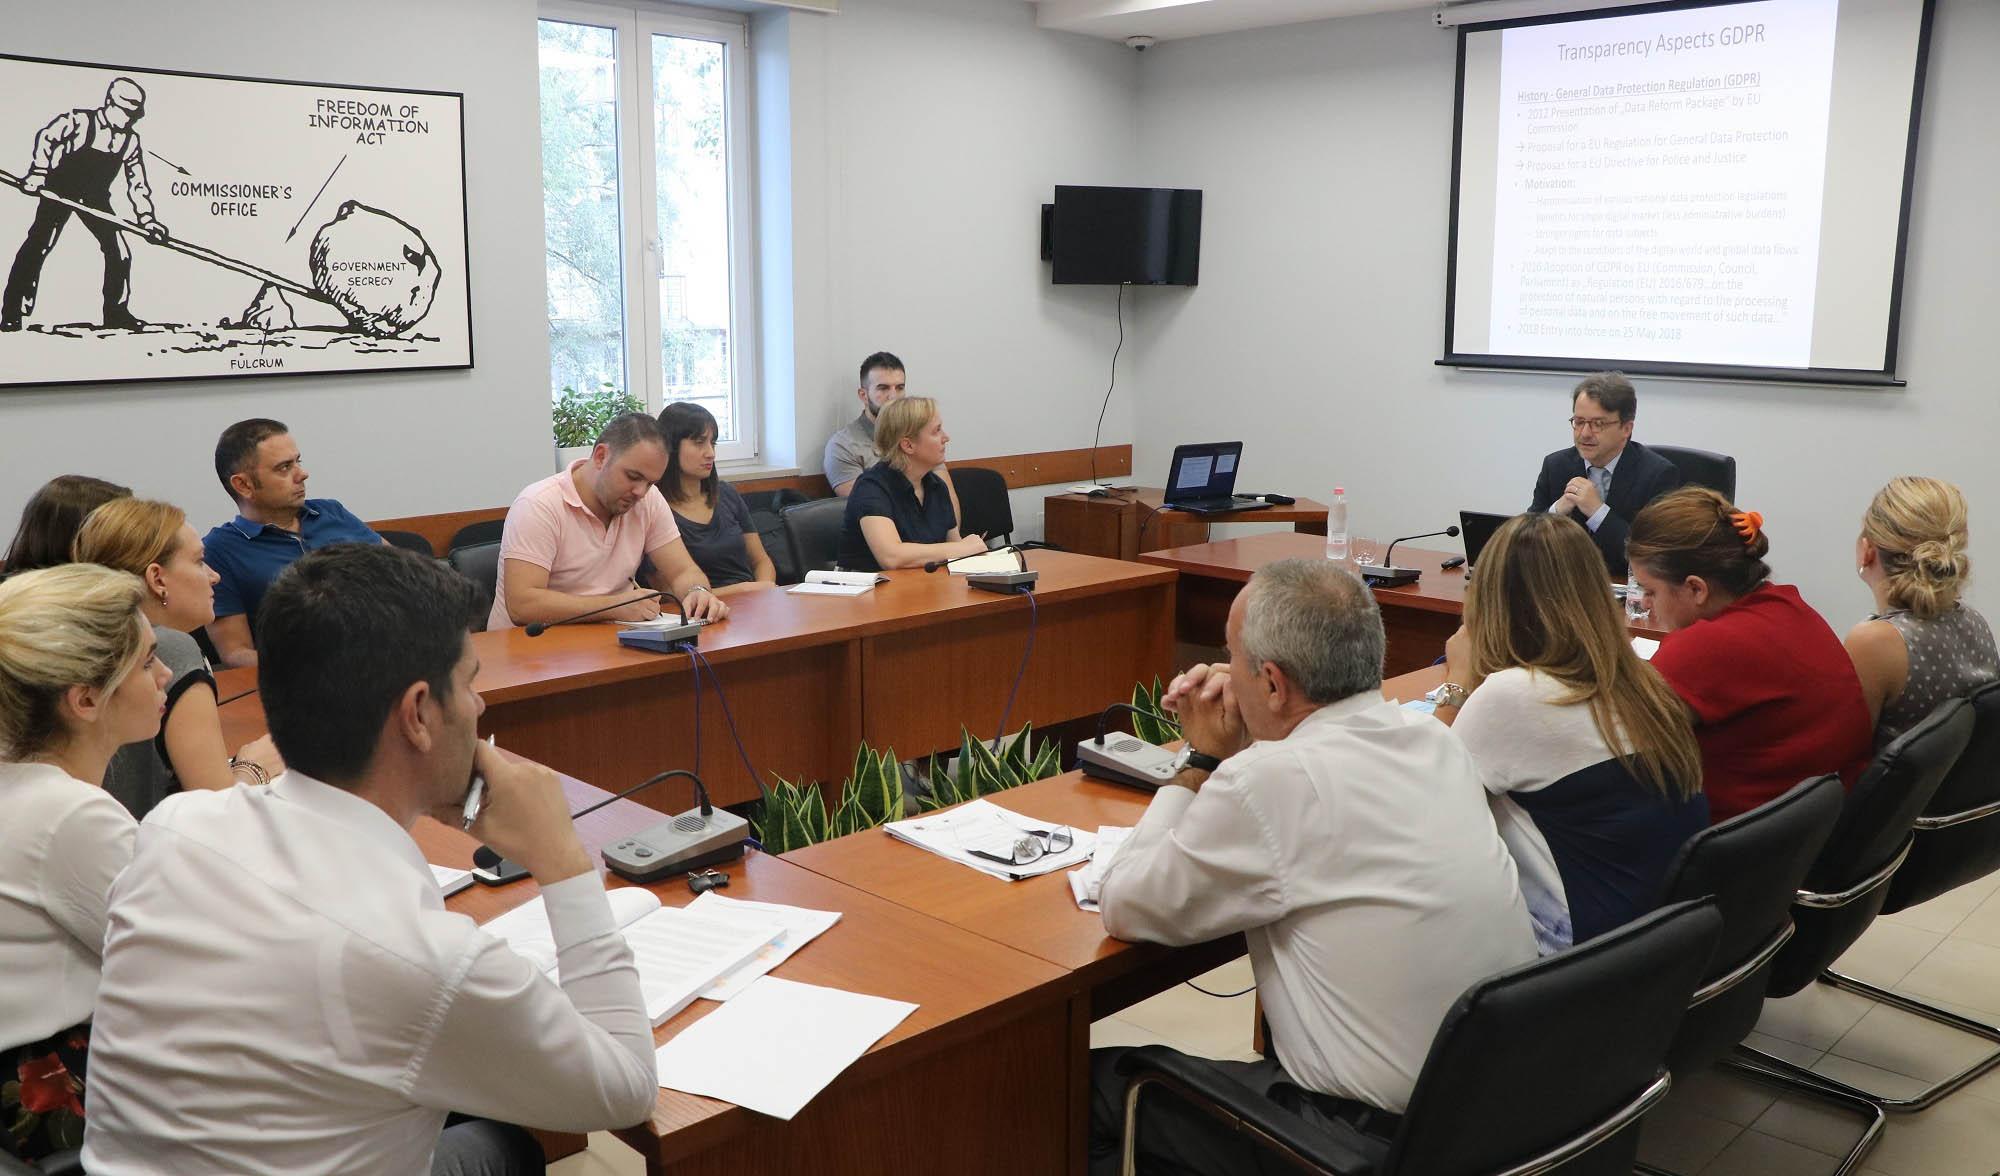 Transparenca në Rregulloren e Përgjithshme të Mbrojtjes së të Dhënave Personale, trajnim me stafin e Zyrës së Komisionerit